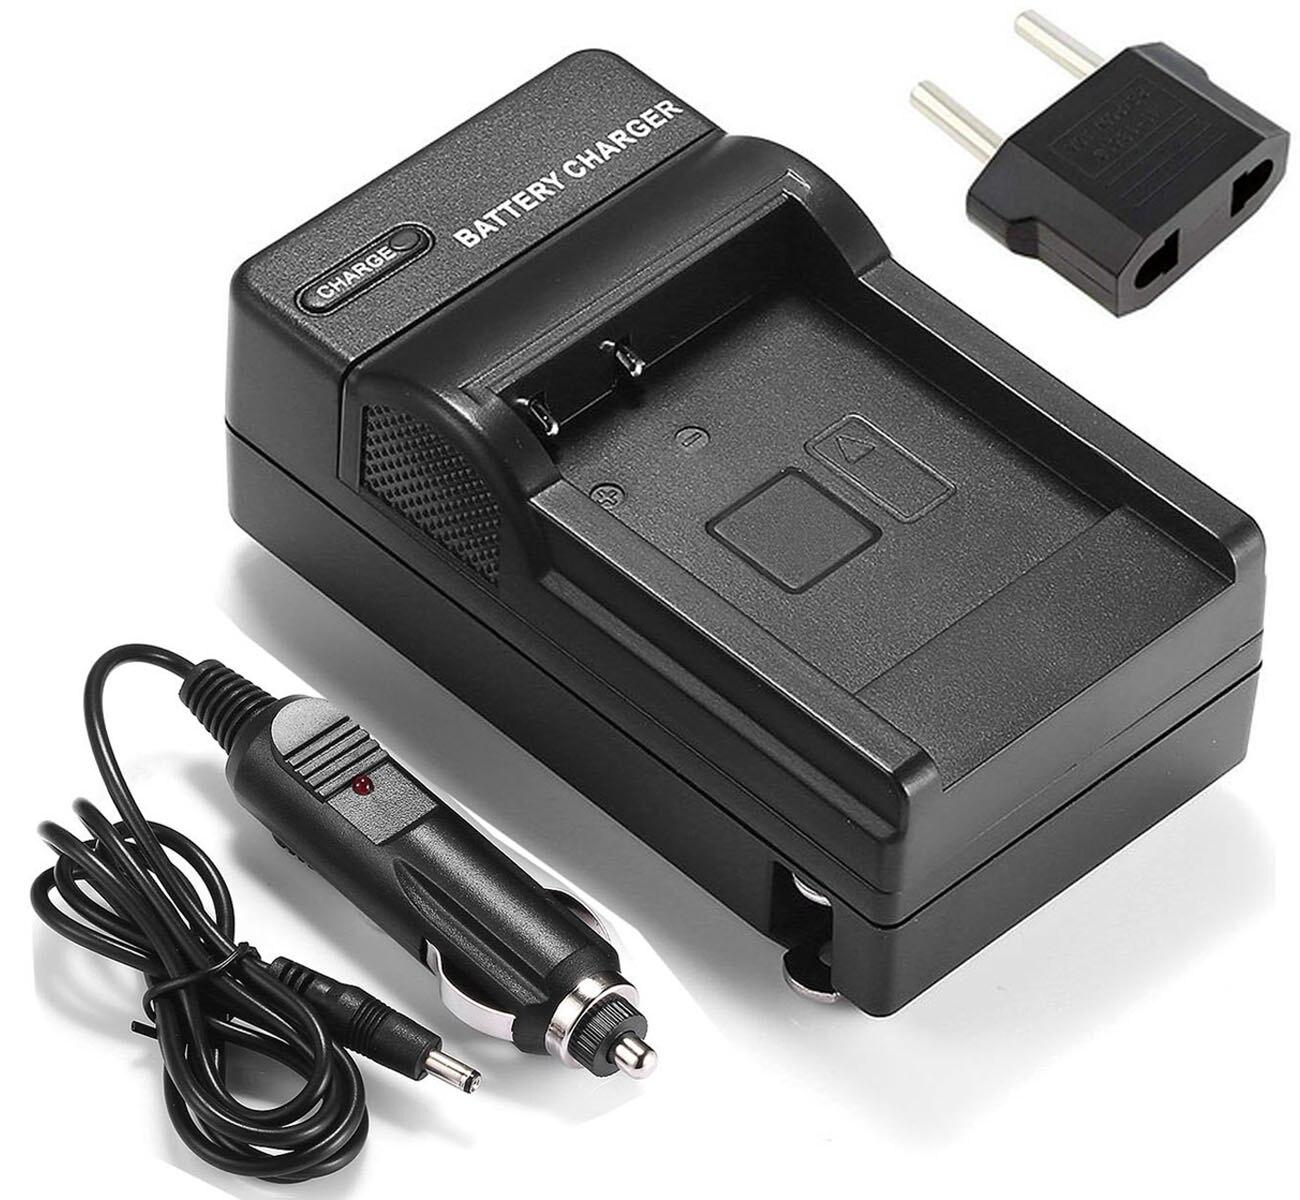 Cargador de batería para Panasonic DMW-BCL7, DMW-BCL7E, DMW-BCL7PP Funda de cargador de batería Baseus para iPhone X Xs Max Xr, funda de Banco de energía externa, paquete de carga de batería, funda de respaldo para iPhone X Xs